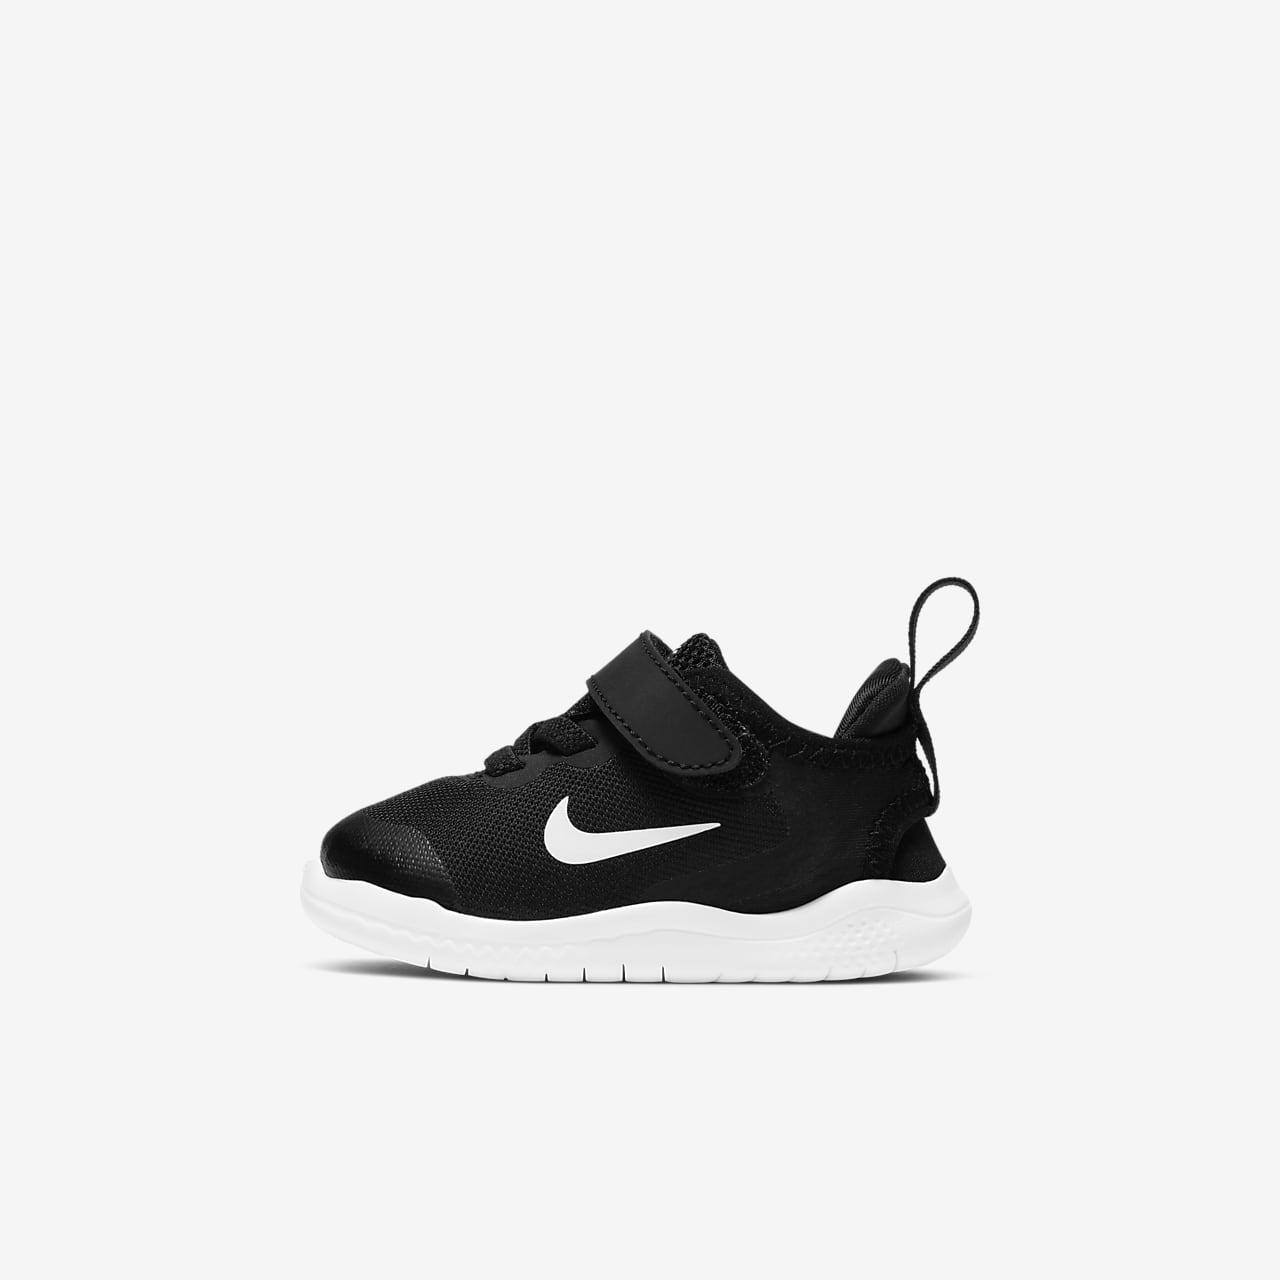 ... Chaussure Nike Free RN 2018 pour Bébé/Petit enfant